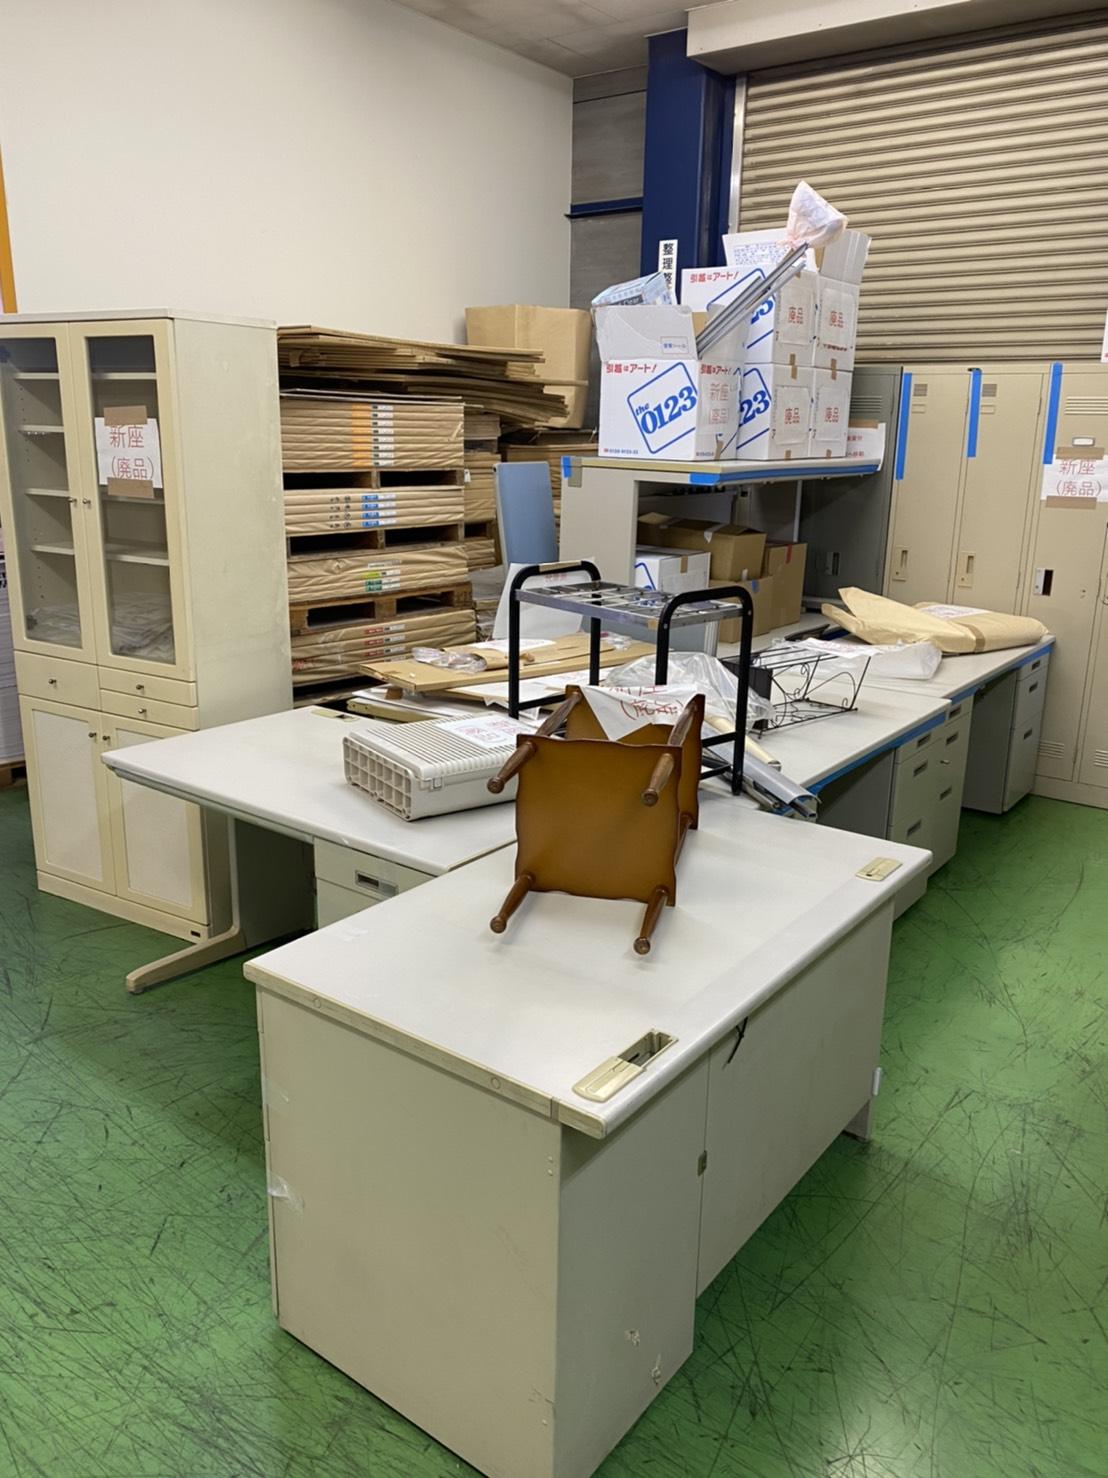 【産業廃棄物の処理】印刷工場事務所の粗大ごみ廃棄請負事例(埼玉県新座市)を紹介します。